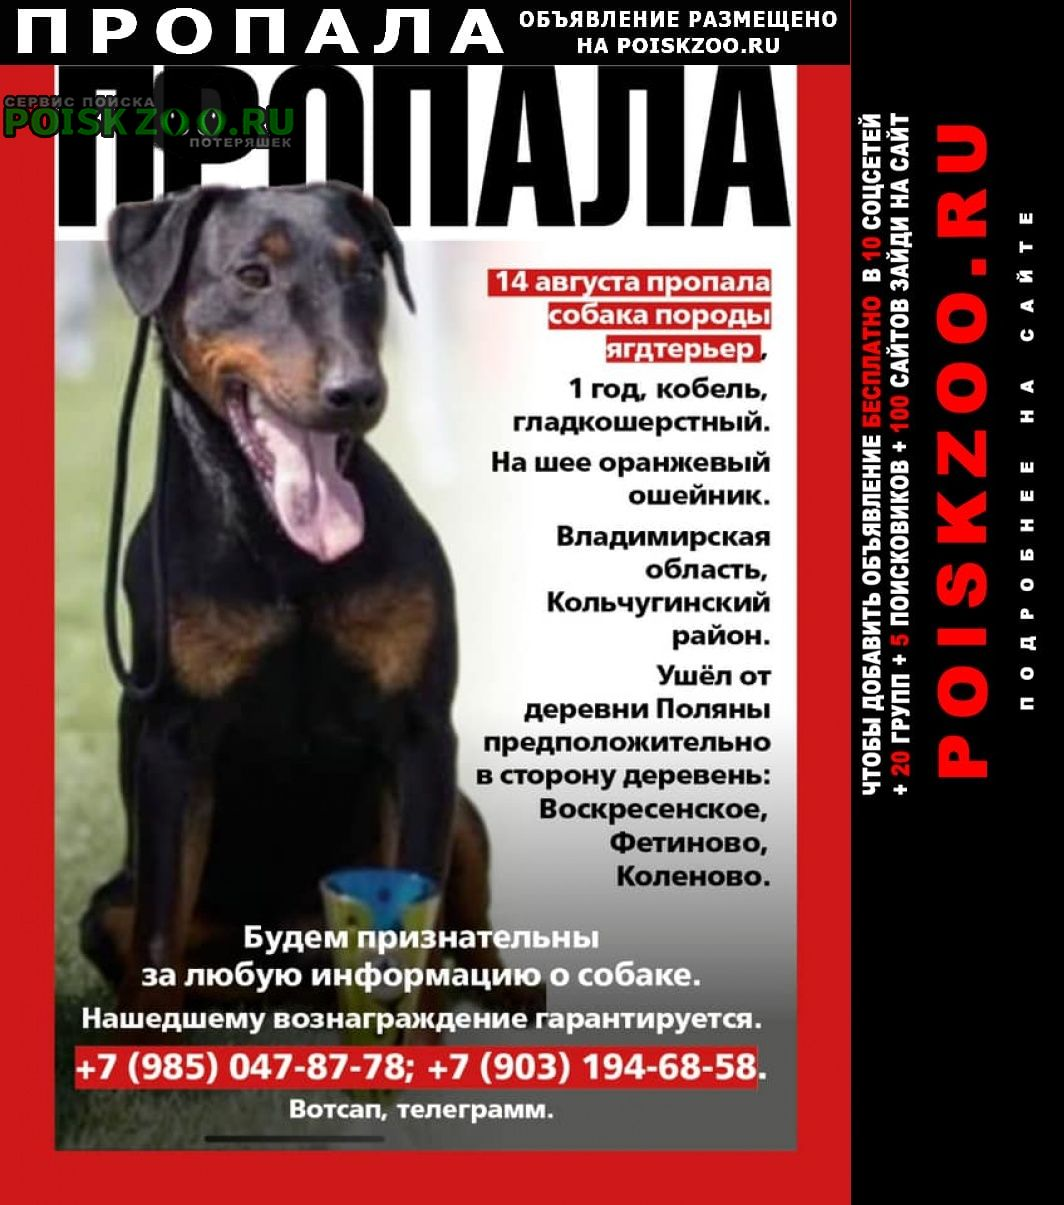 Пропала собака кобель помогите найти Киржач